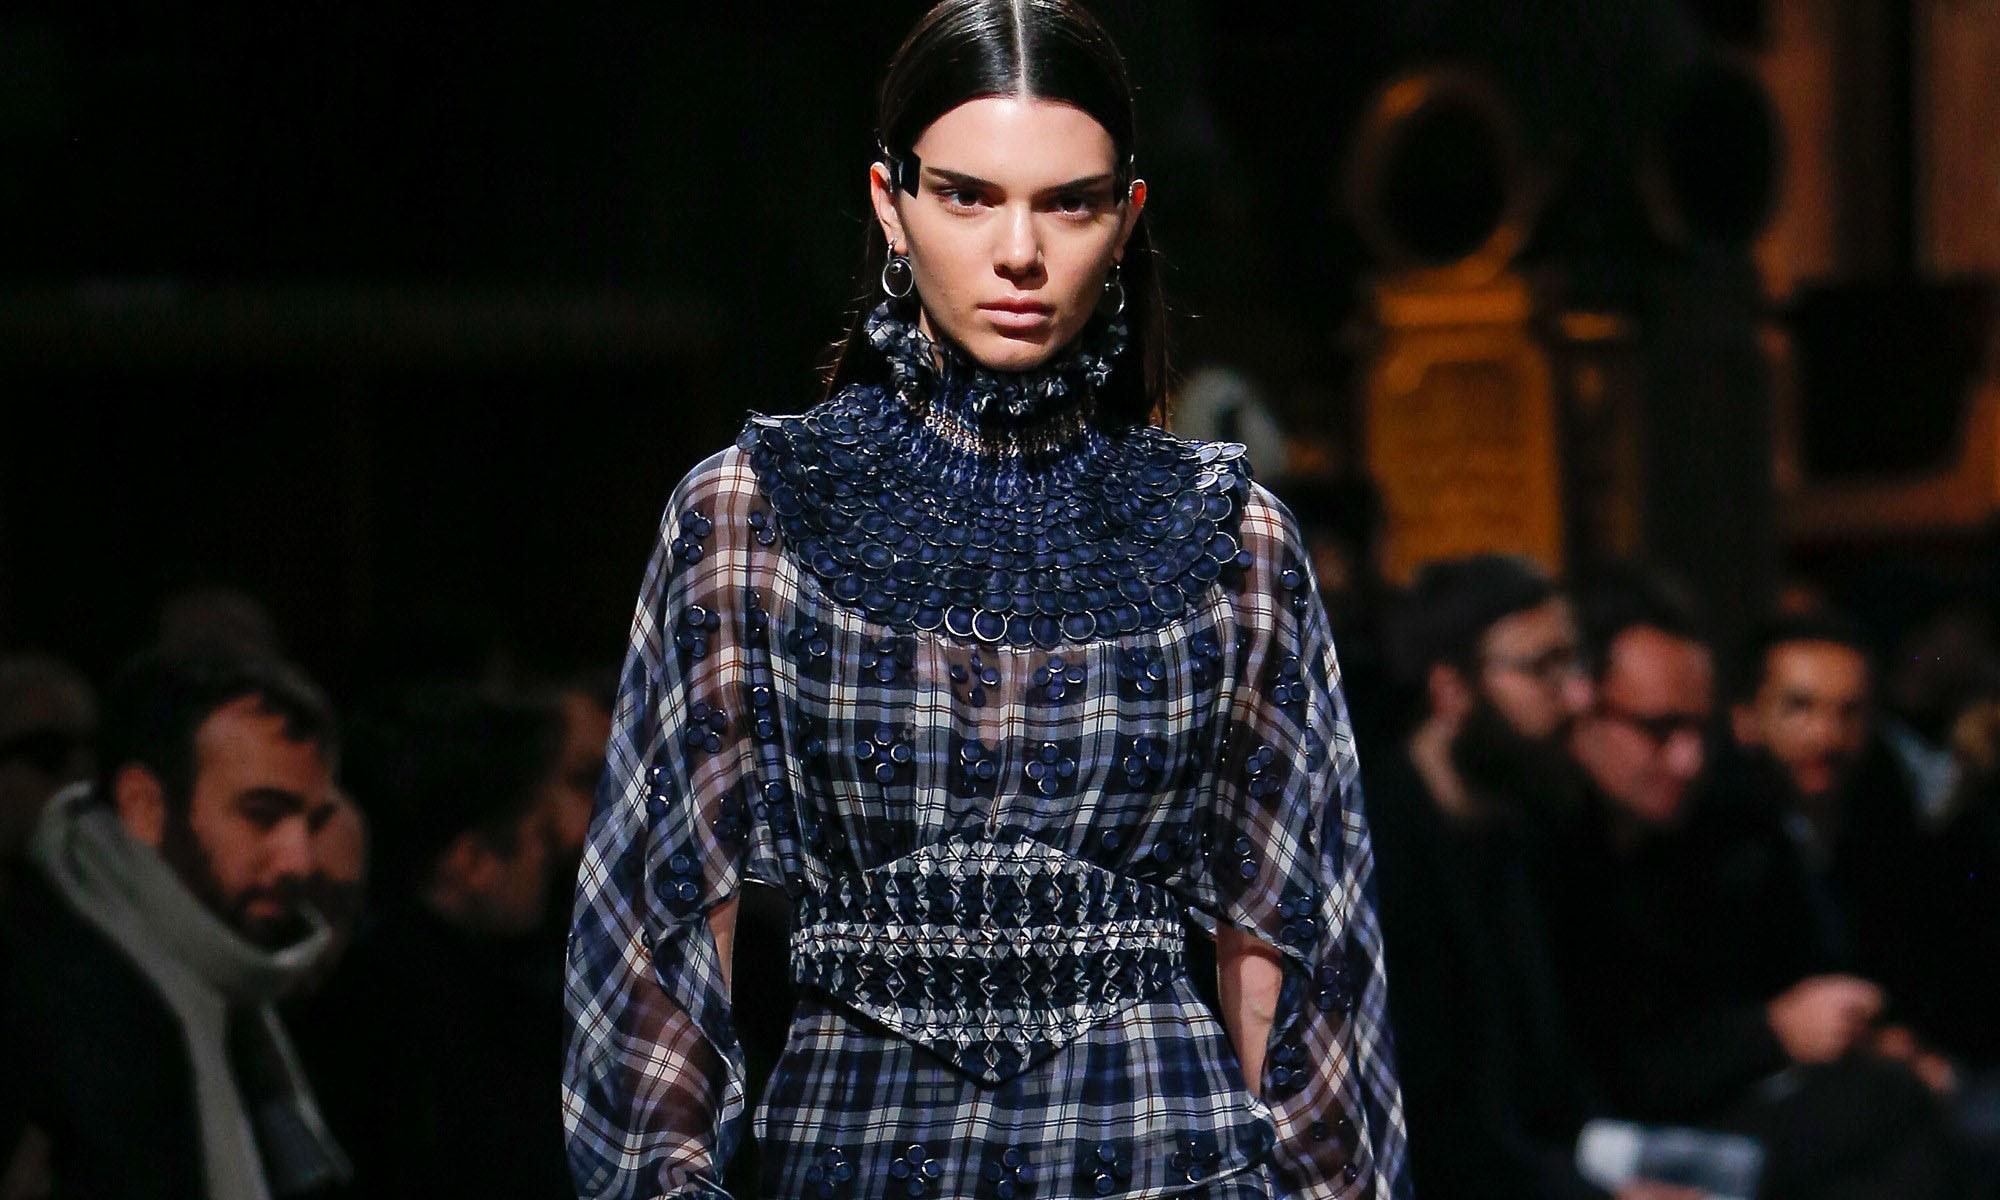 美好的西部世界,Givenchy 2017 秋季系列秀场回顾